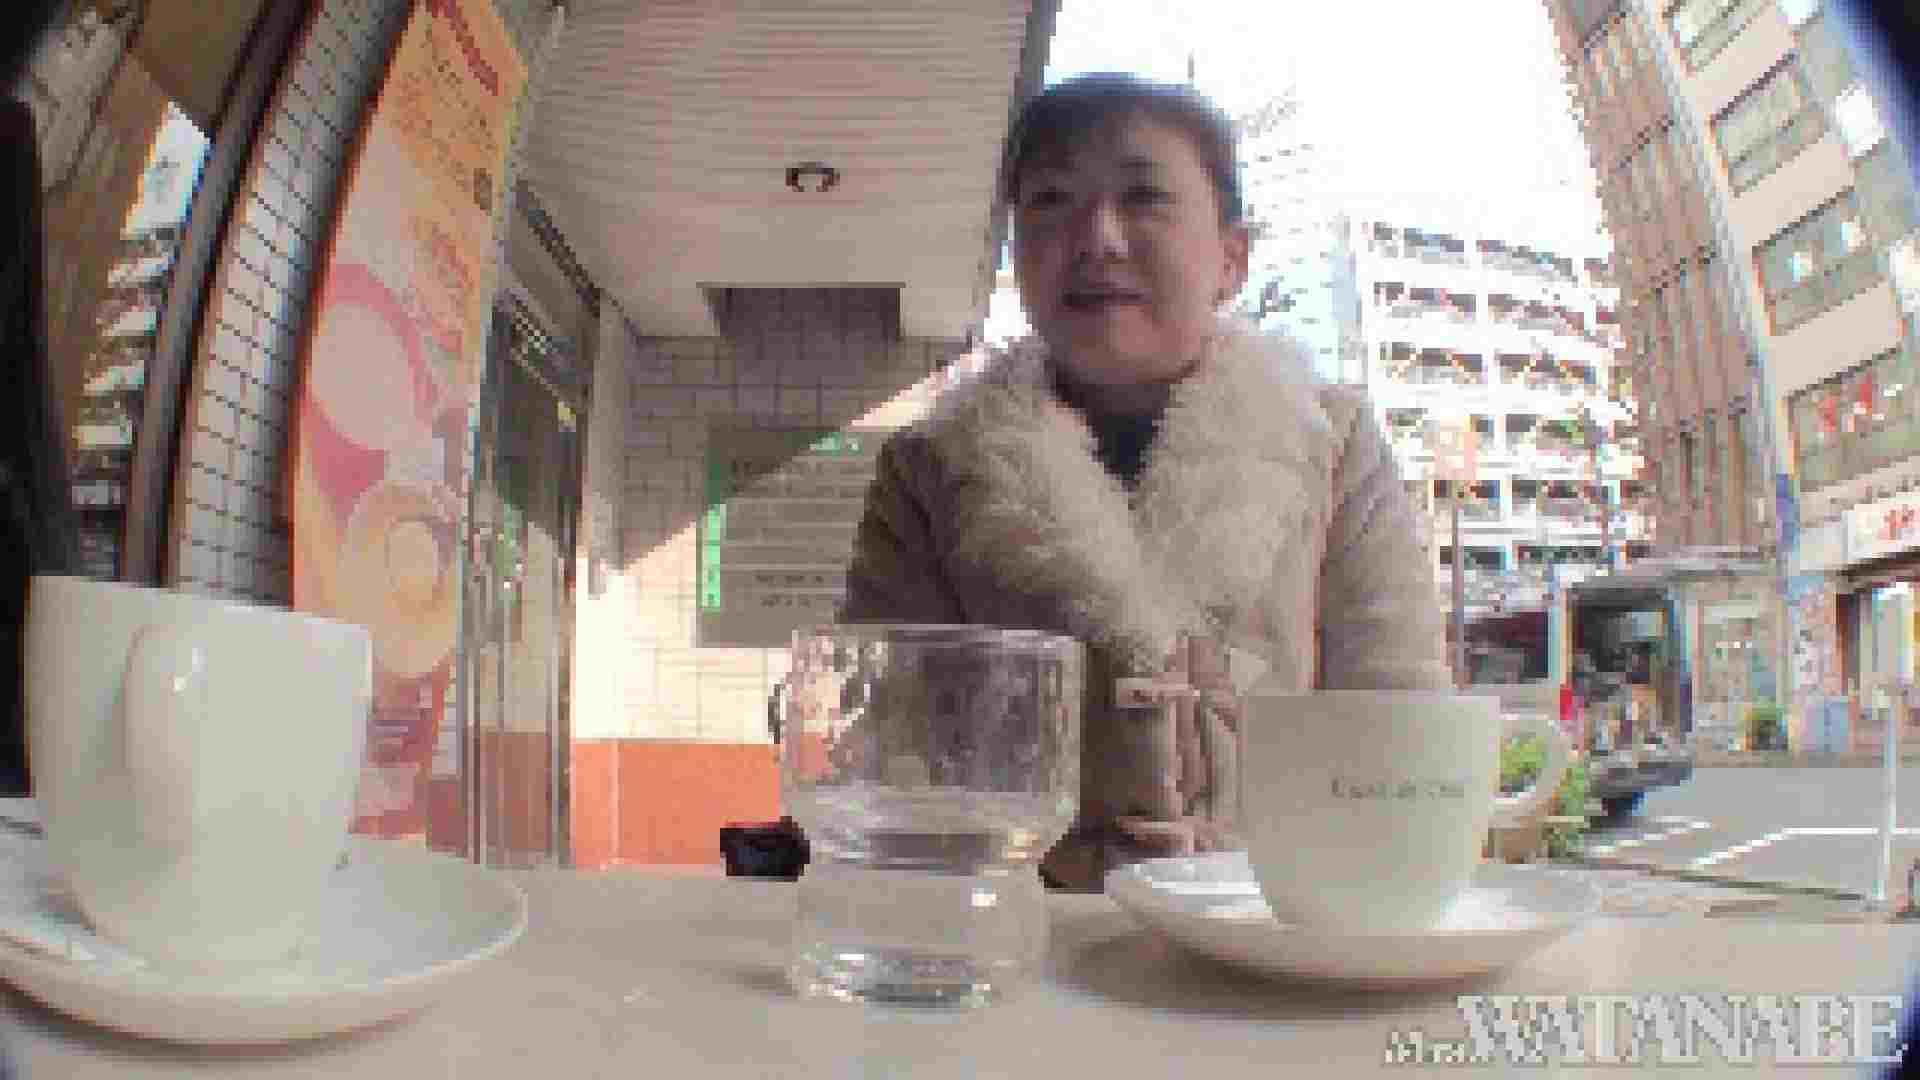 撮影スタッフを誘惑する痴熟女 かおり40歳 Vol.01 素人流出動画 セックス画像 87枚 2